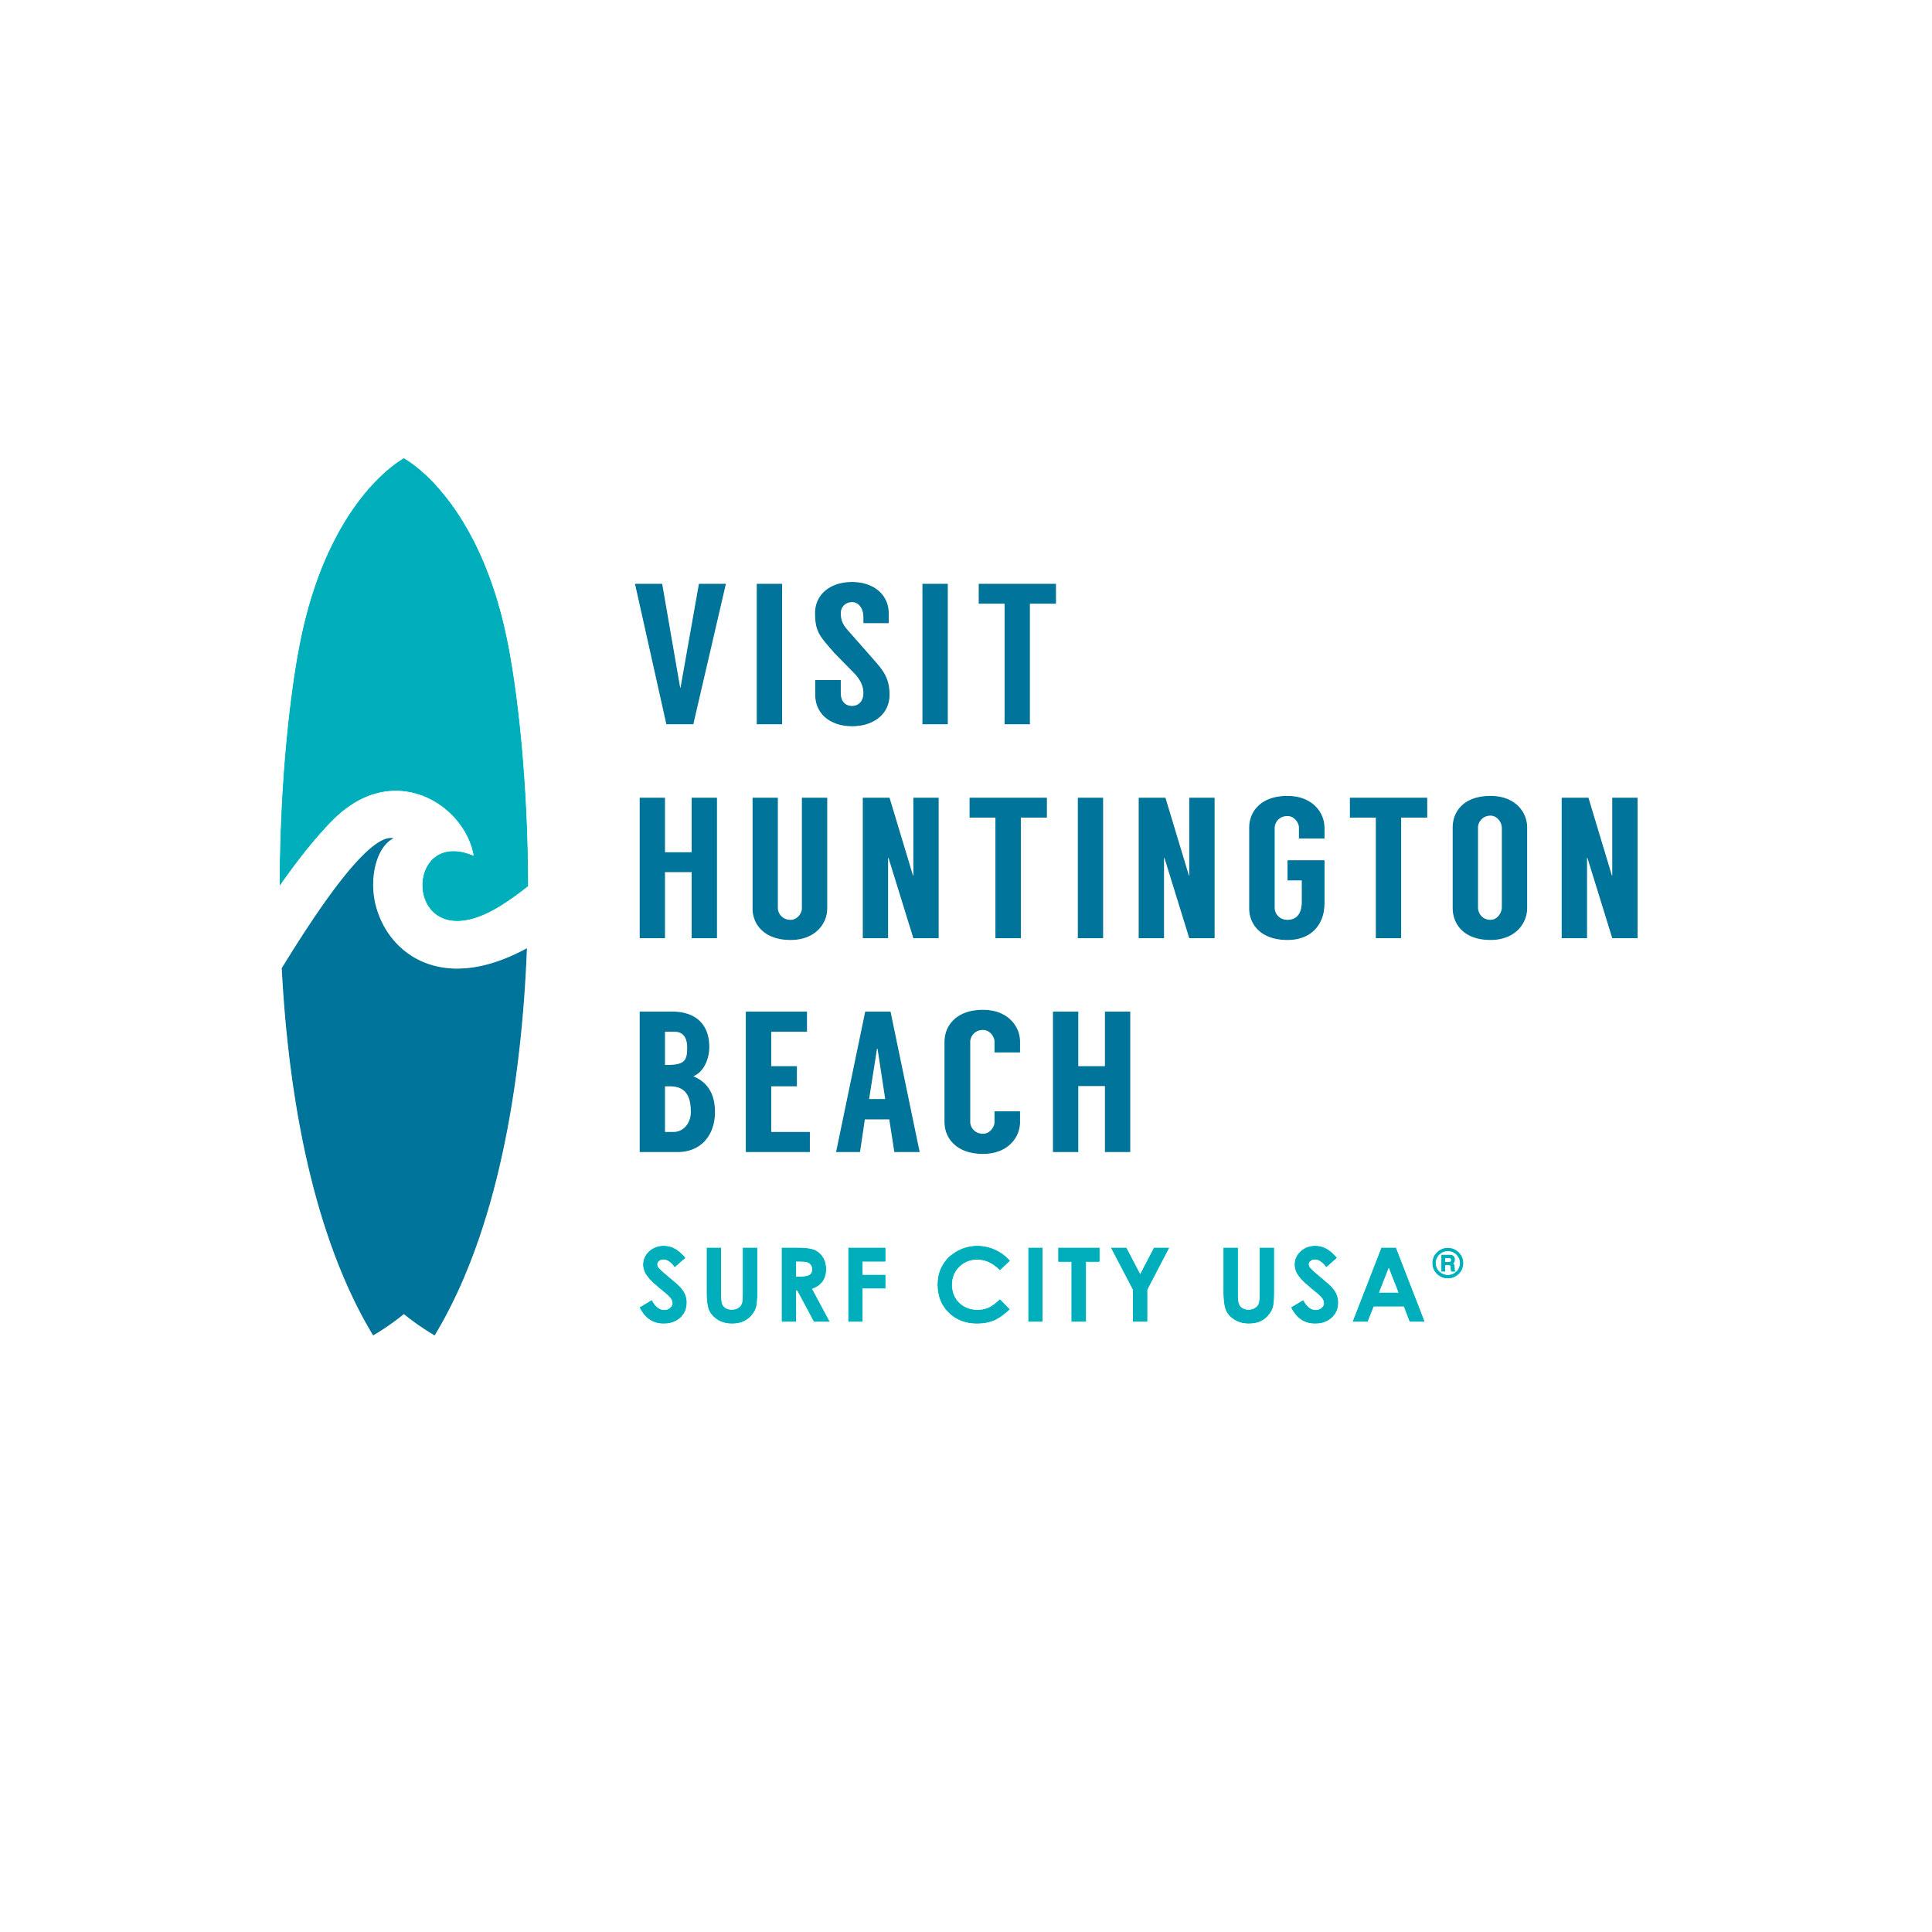 5284-1-Summit2017_Logos_VisitHB.jpg